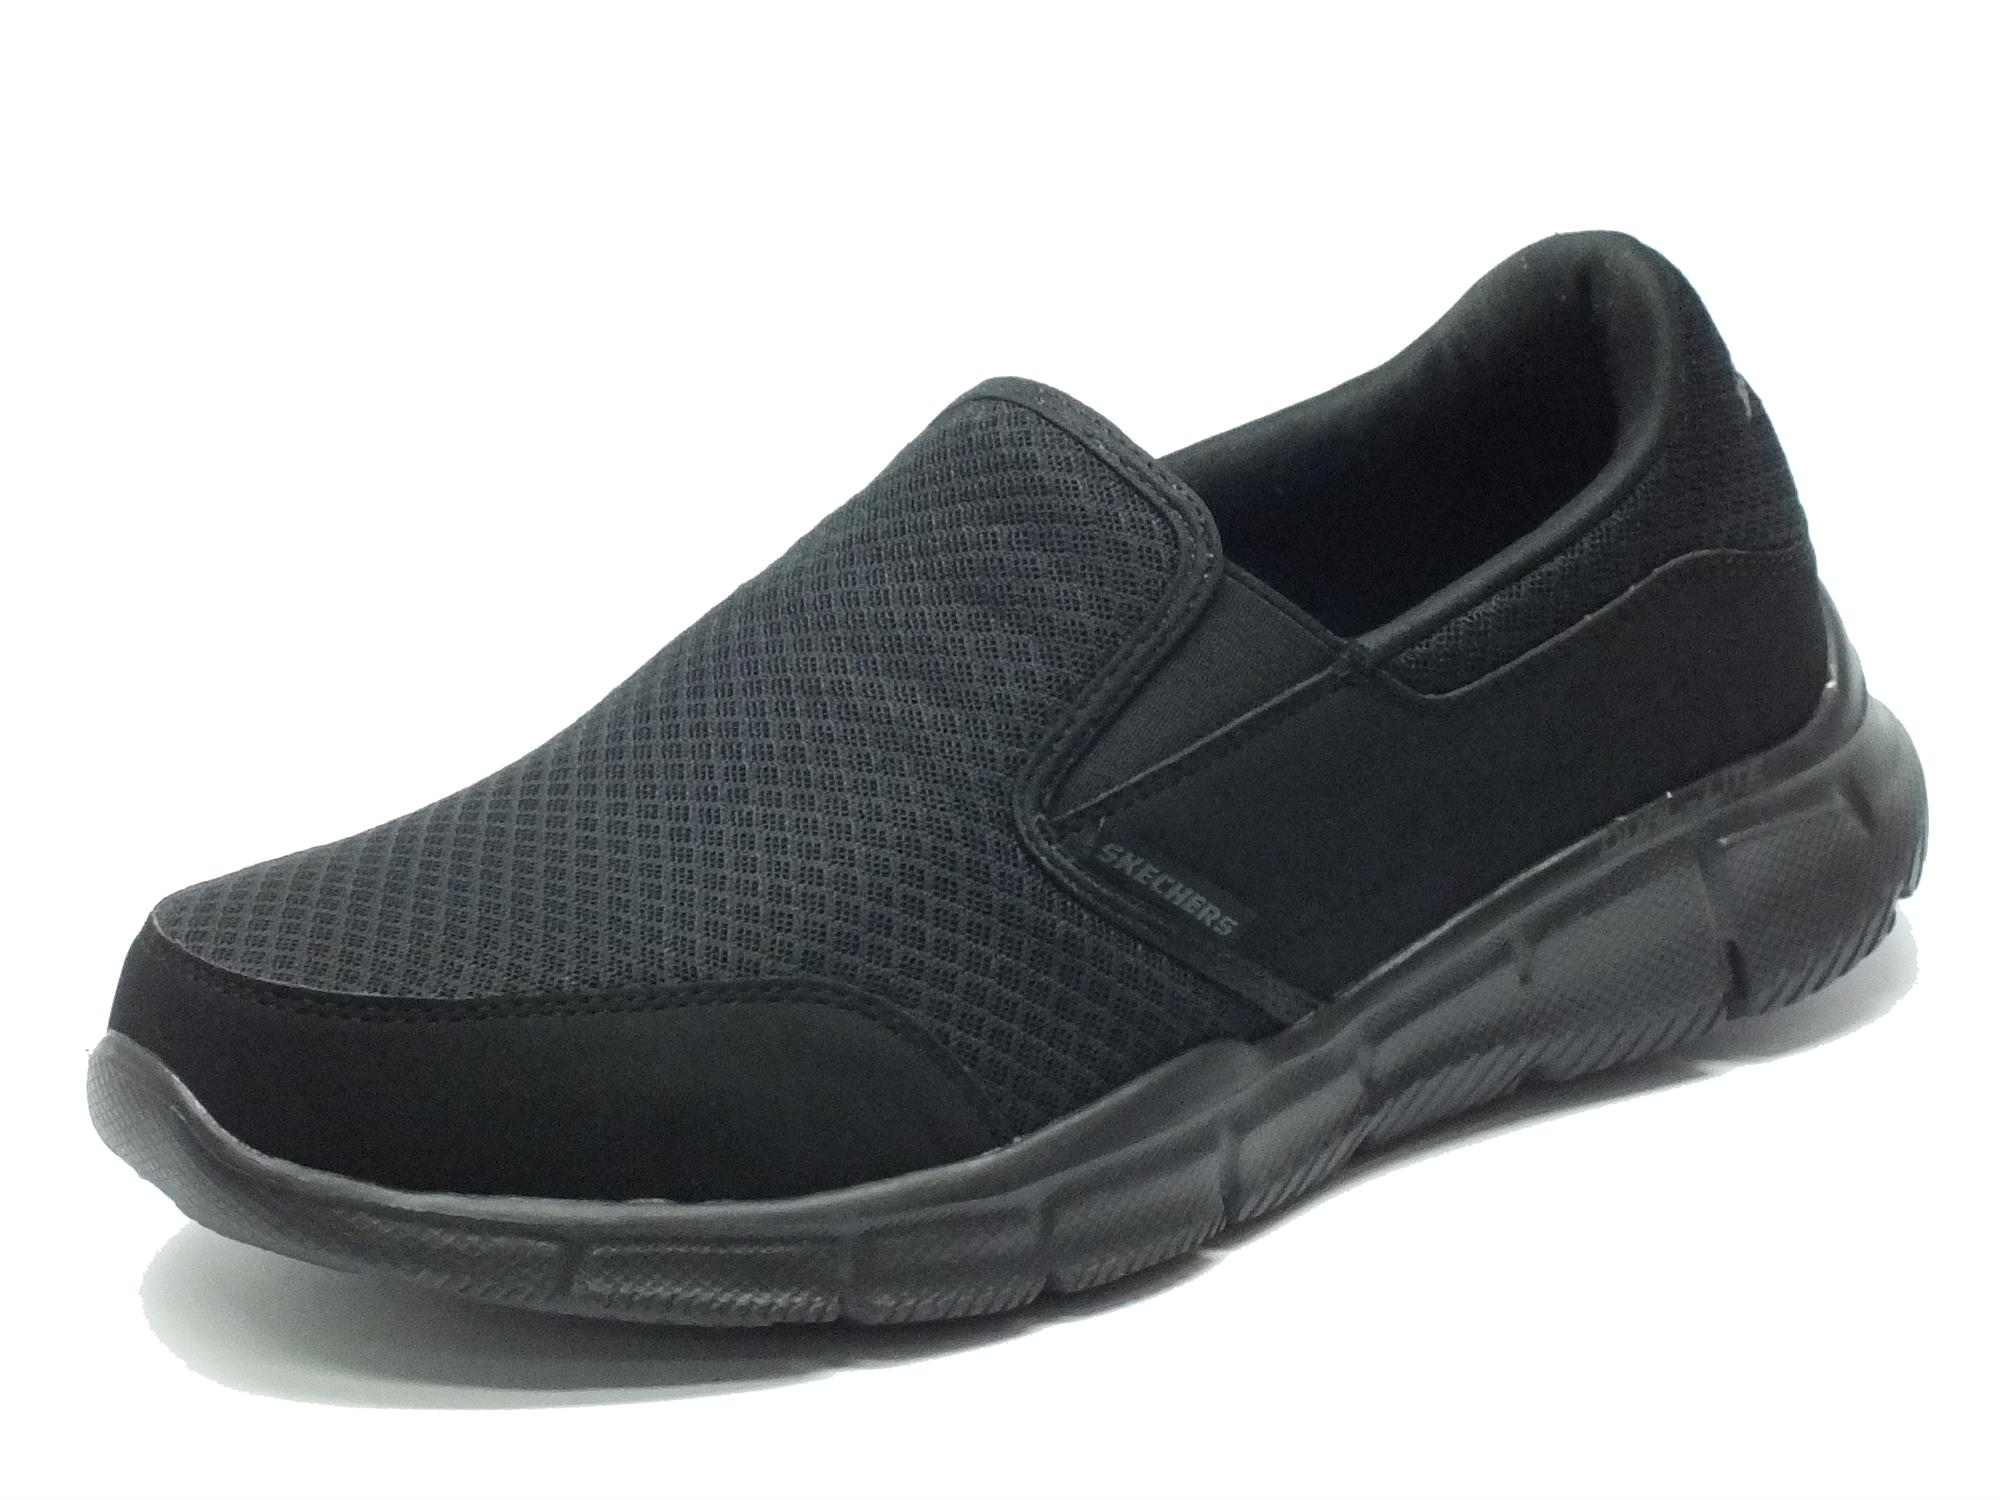 scarpe uomo skechers memory foam